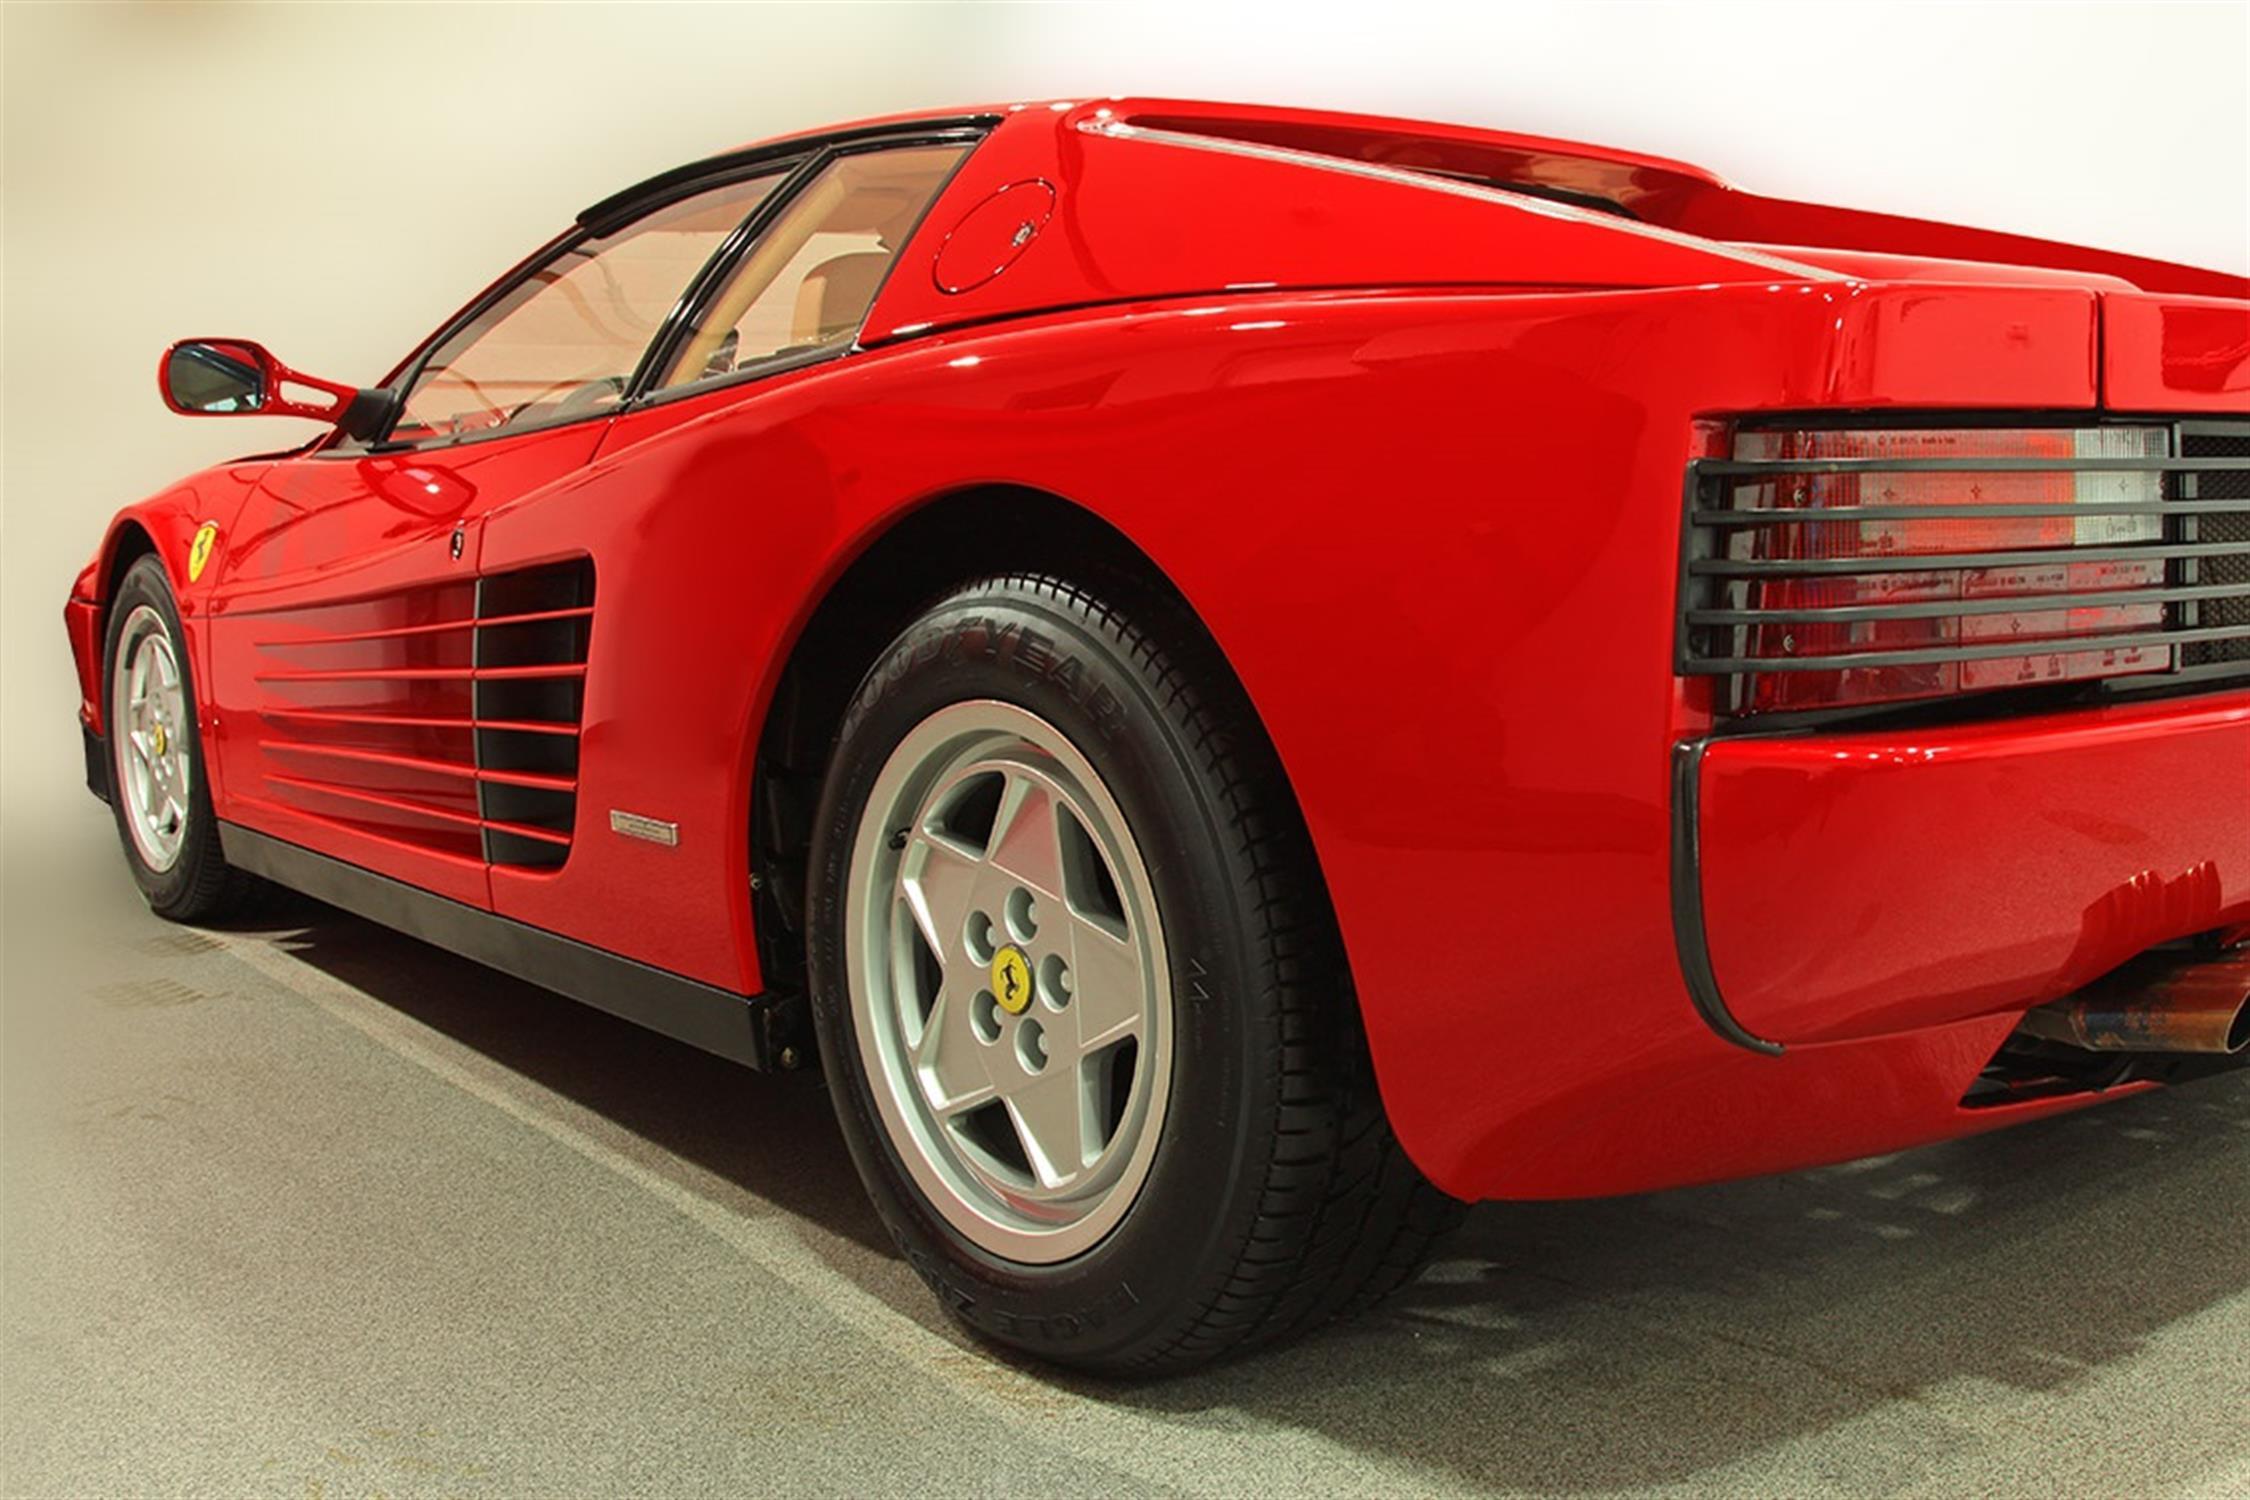 1991 Ferrari Testarossa - 1,829 Kilometres From New & Classiche'd - Image 3 of 15